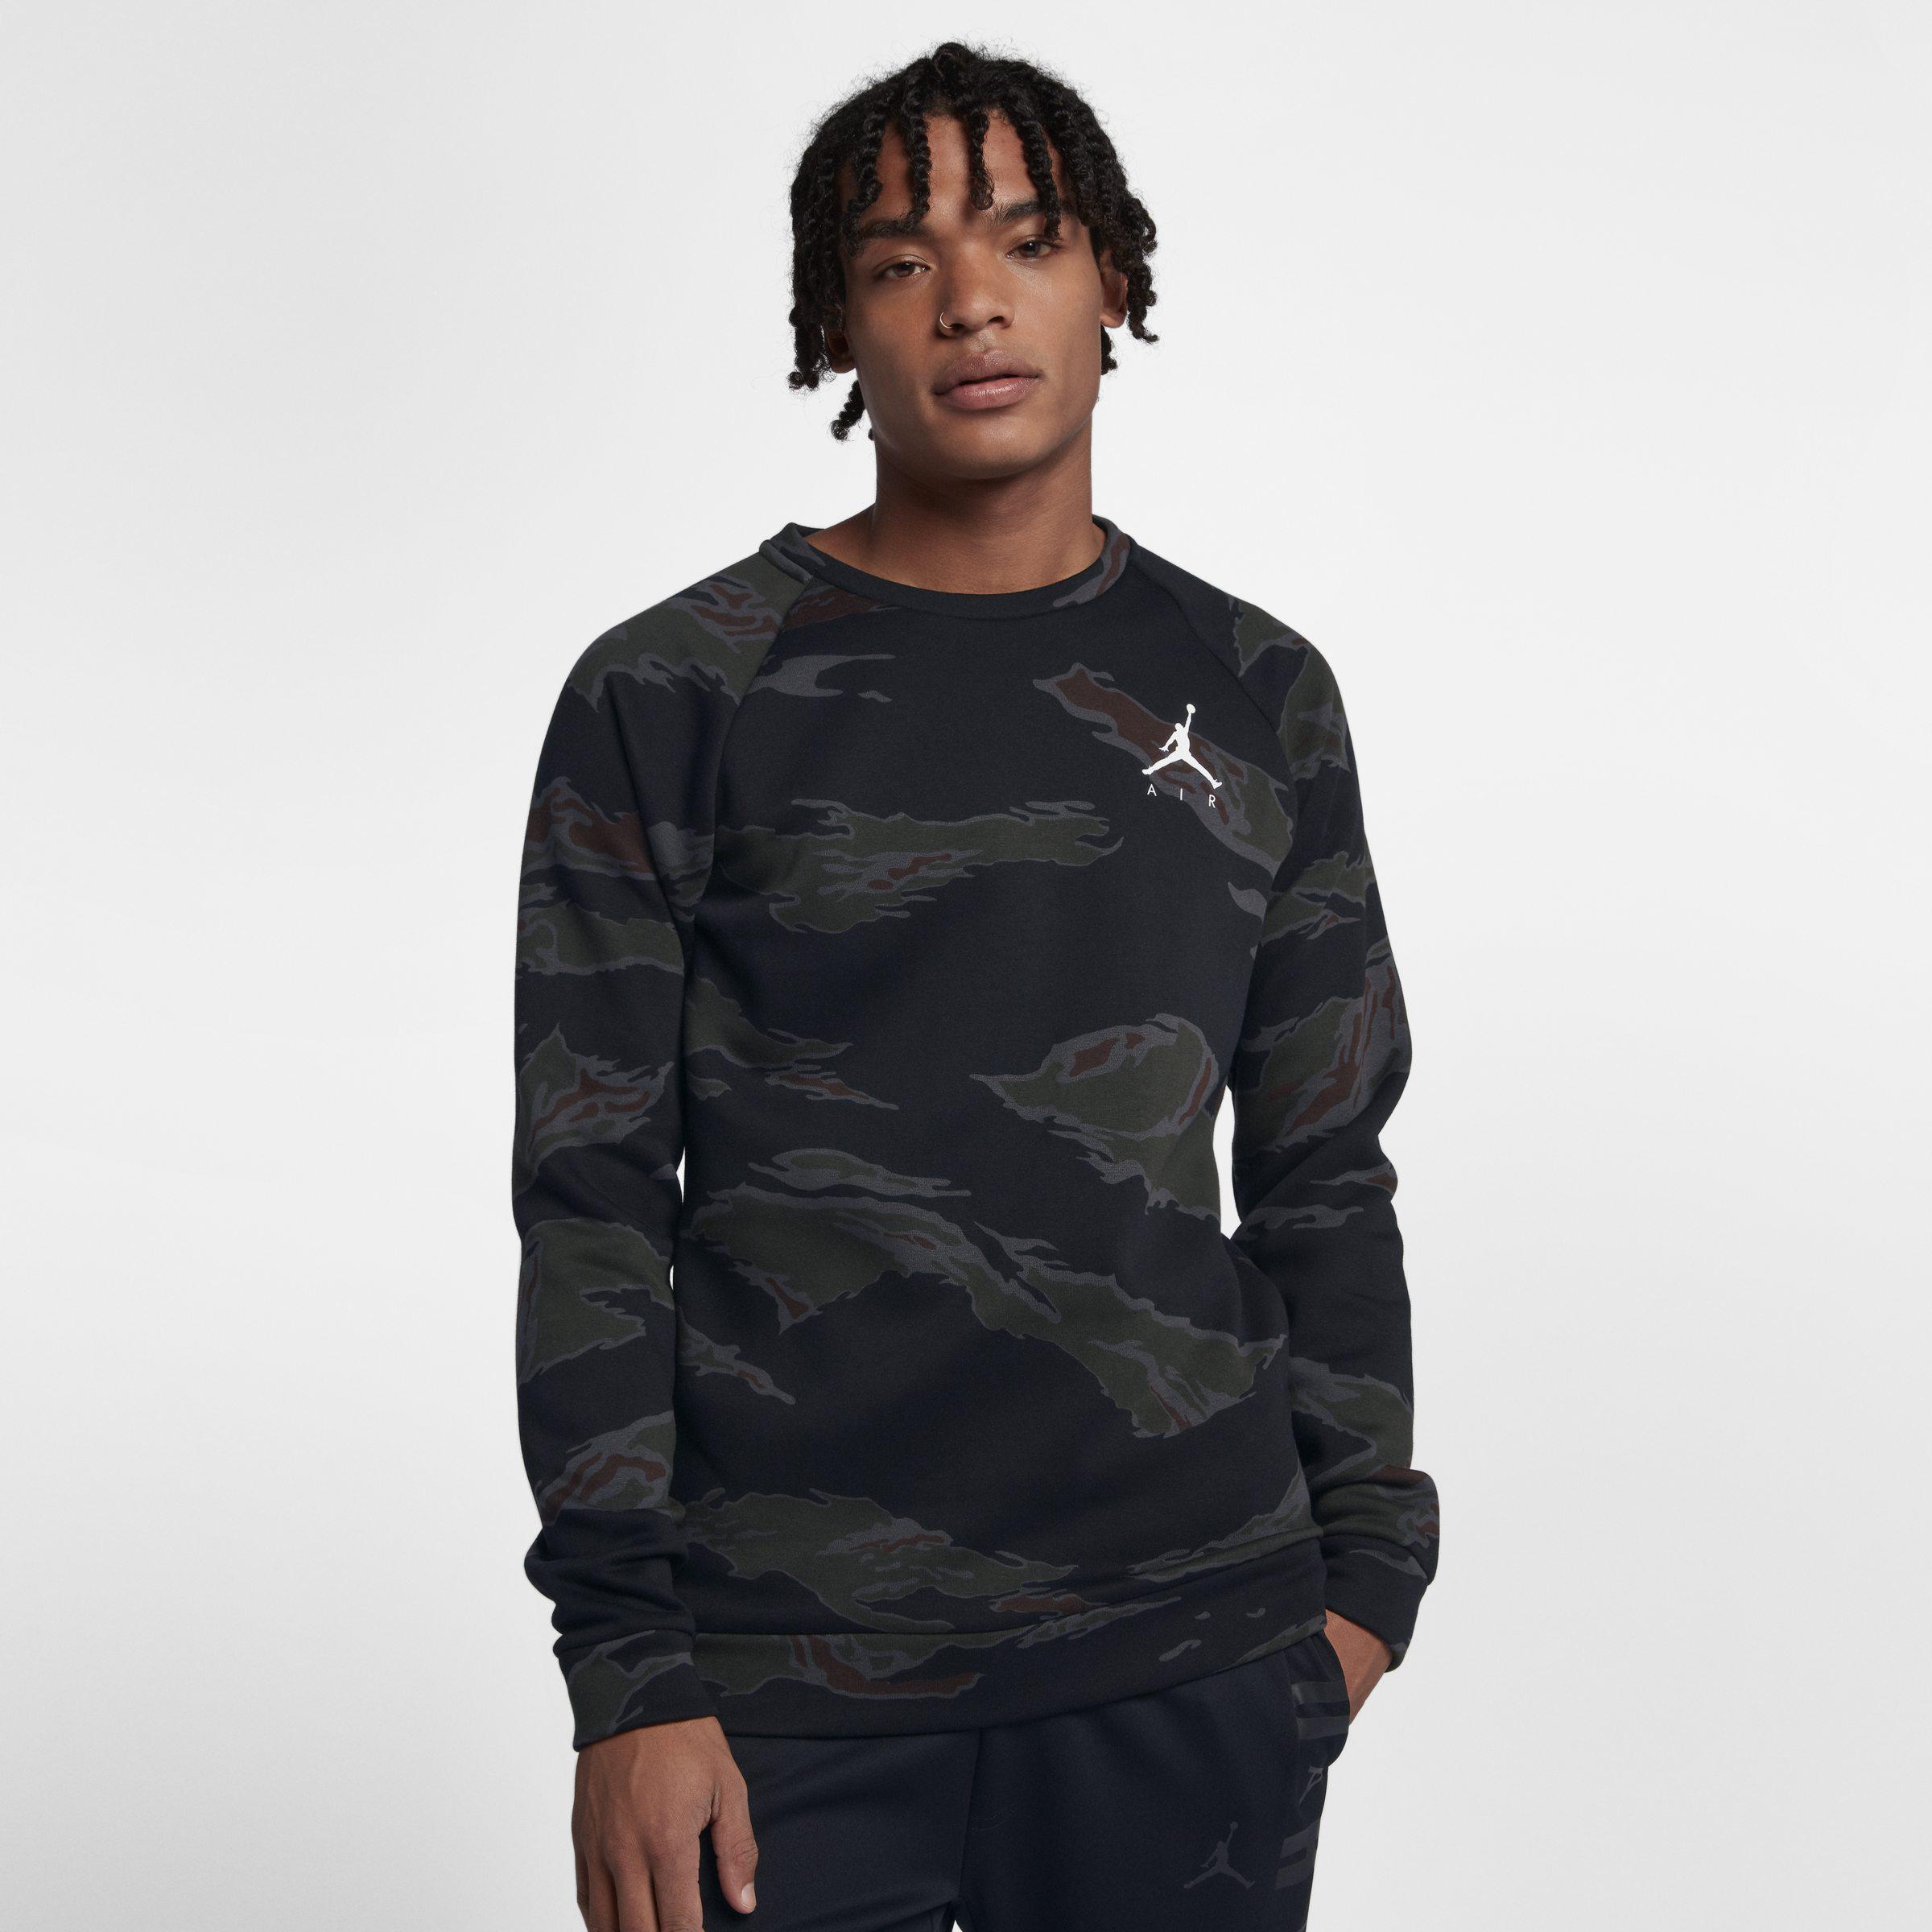 e25d33422ea613 Nike Jumpman Camo Fleece Pullover in Black for Men - Lyst